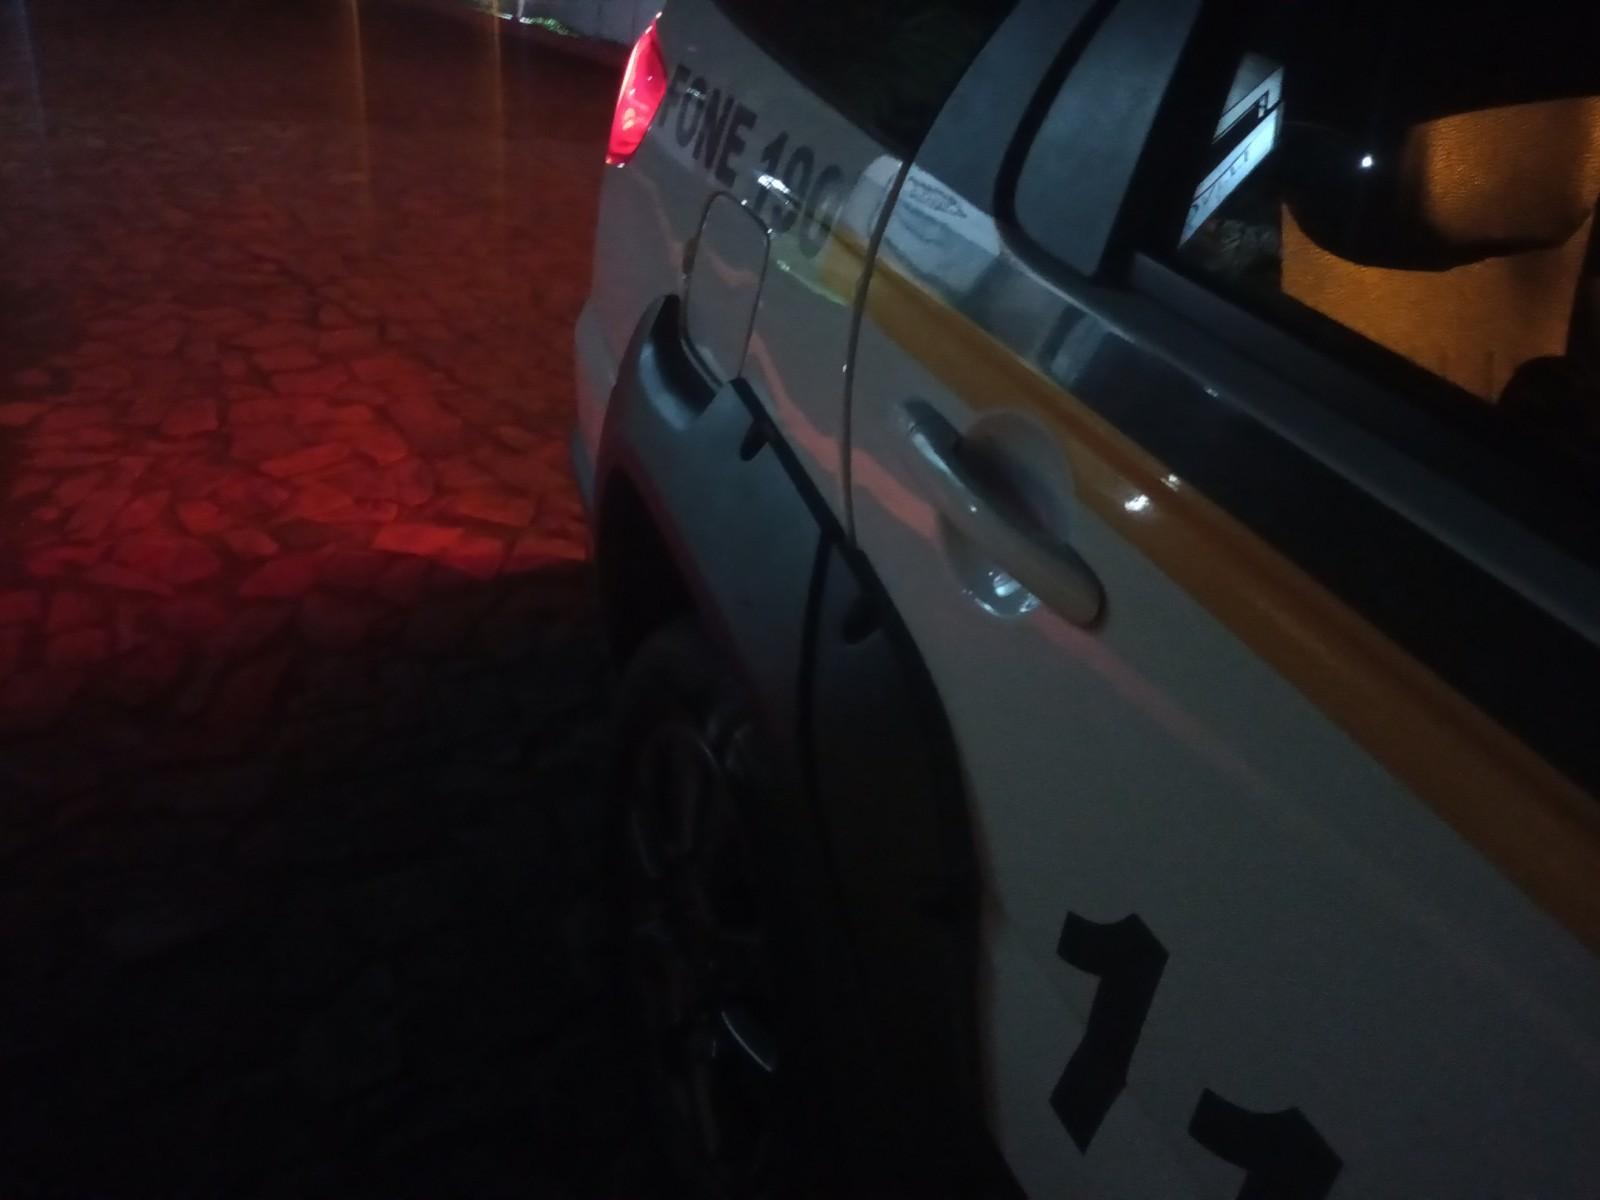 Trio tenta fugir sem pagar motel e Brigada Militar é acionada em Alegrete